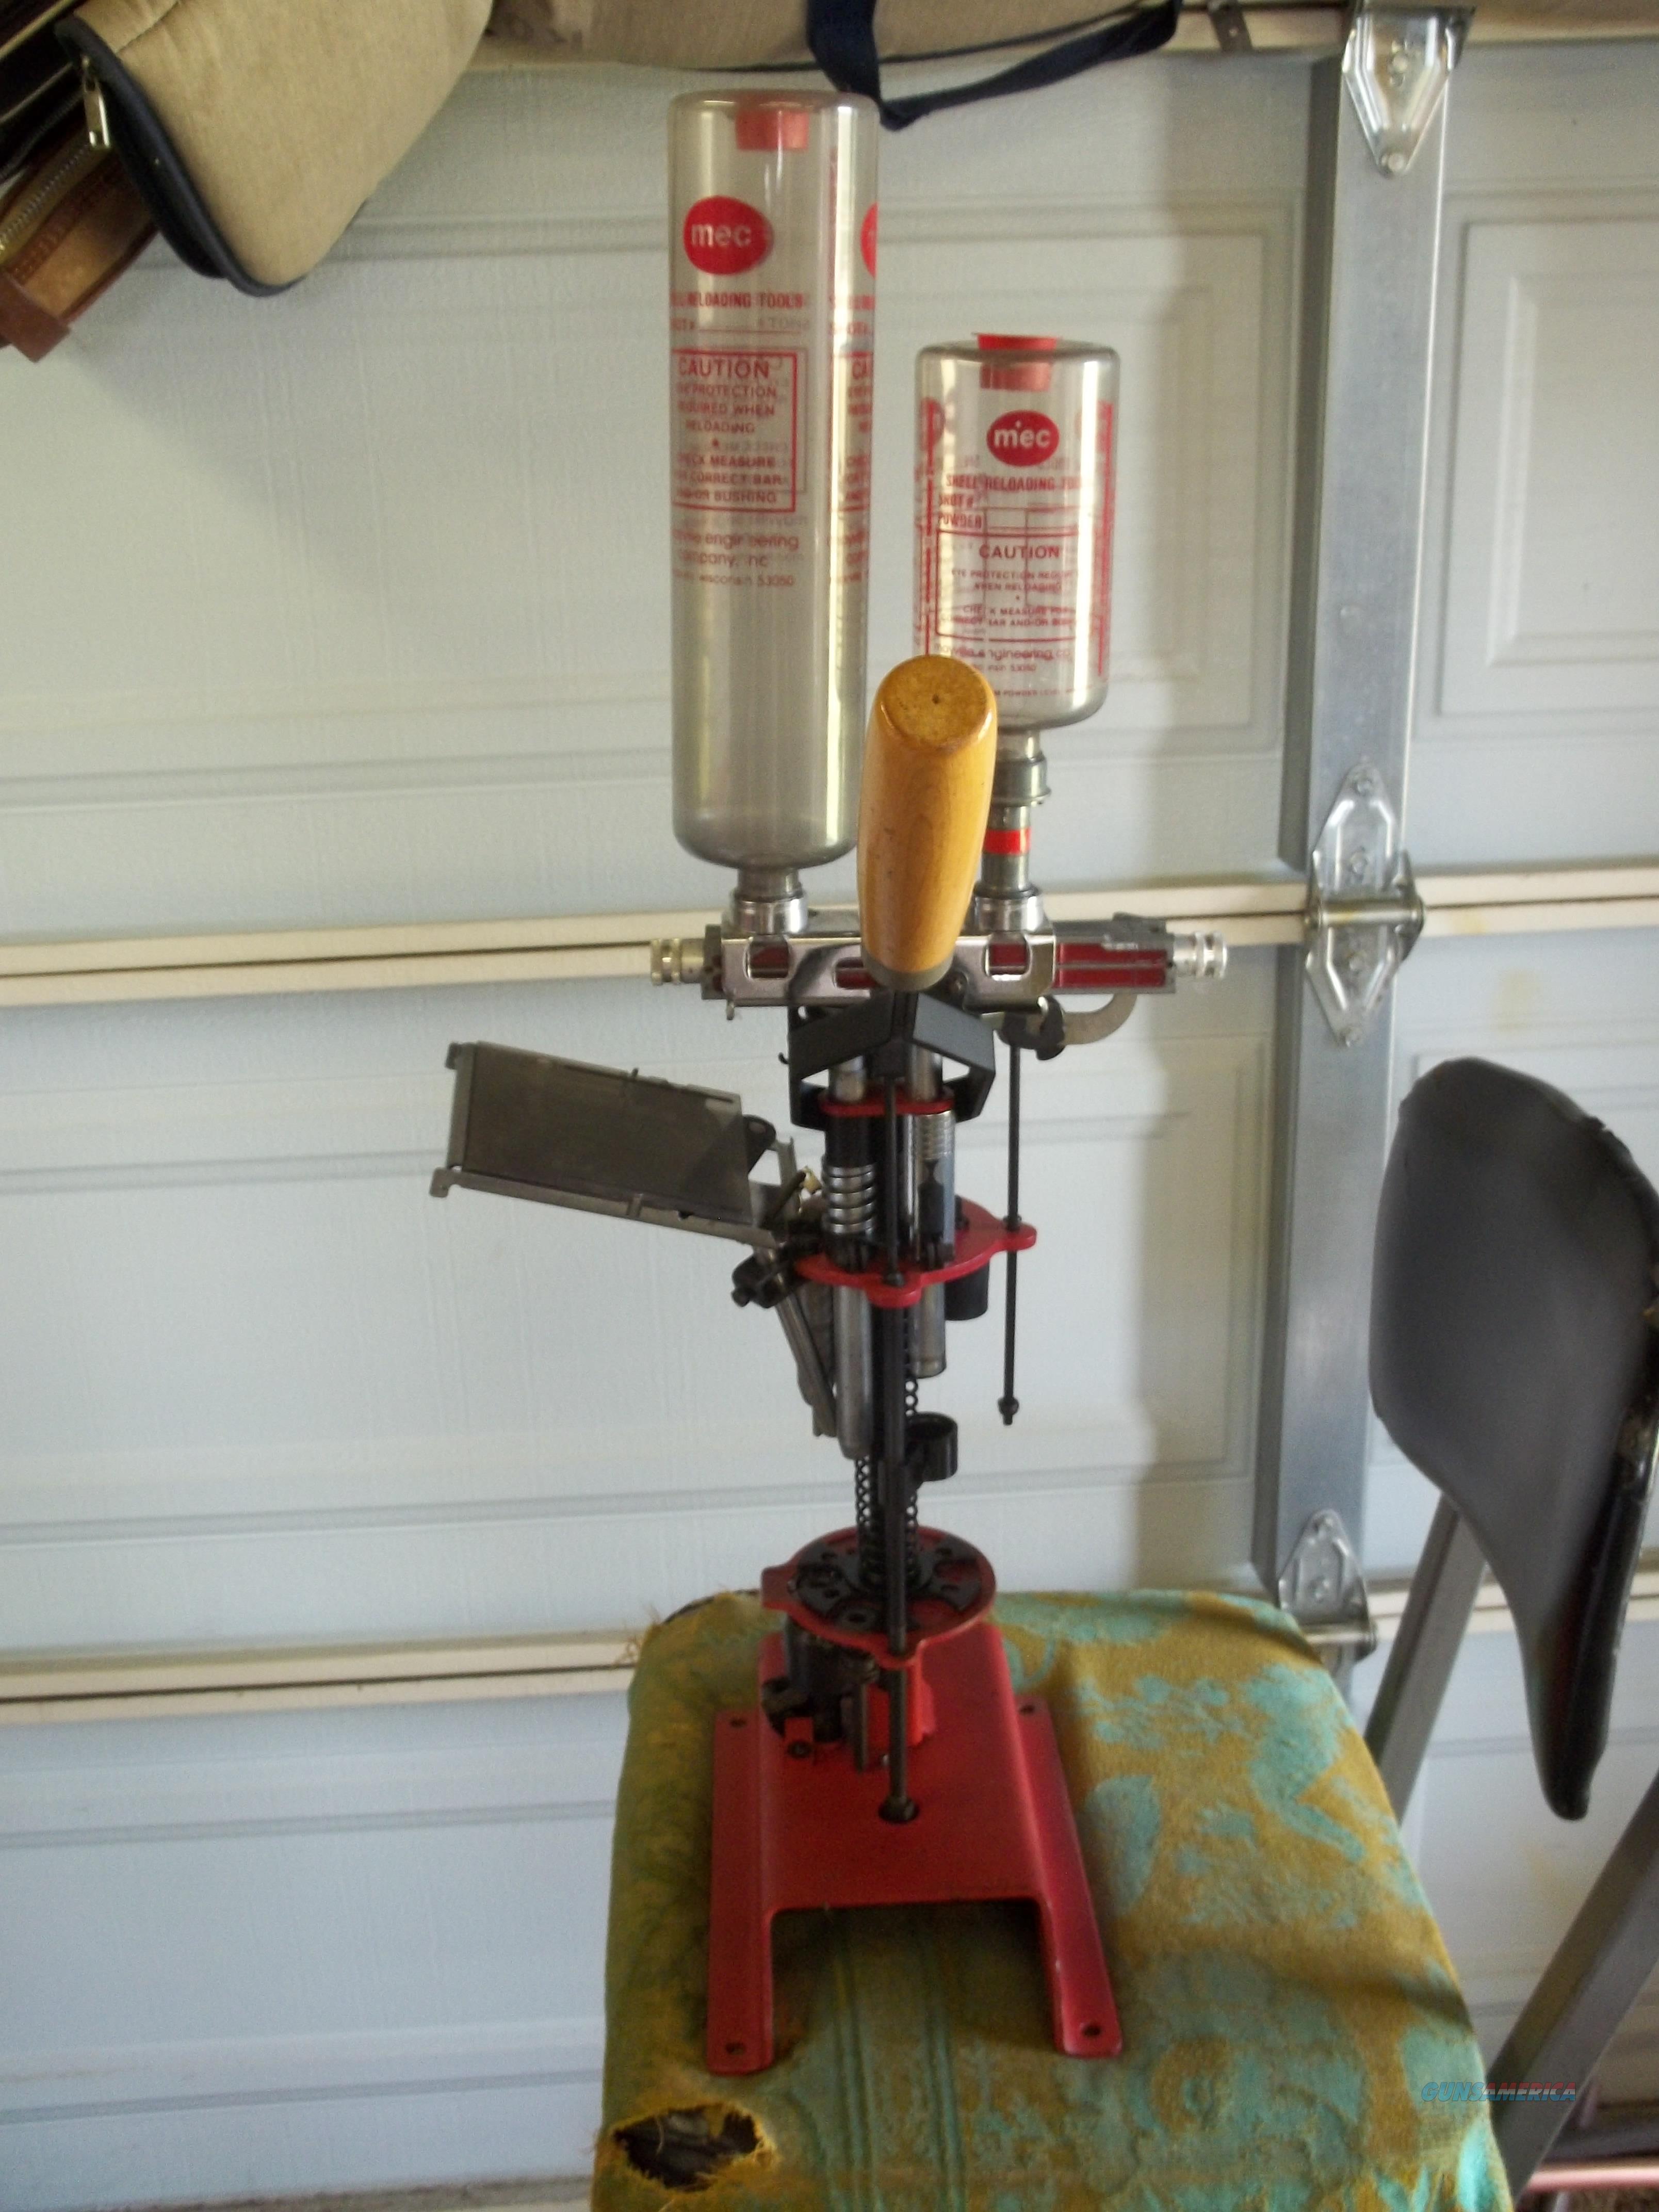 MEC 650 Grabber 12 Ga. Reloading Press #762R  Non-Guns > Reloading > Equipment > Shotshell > Presses